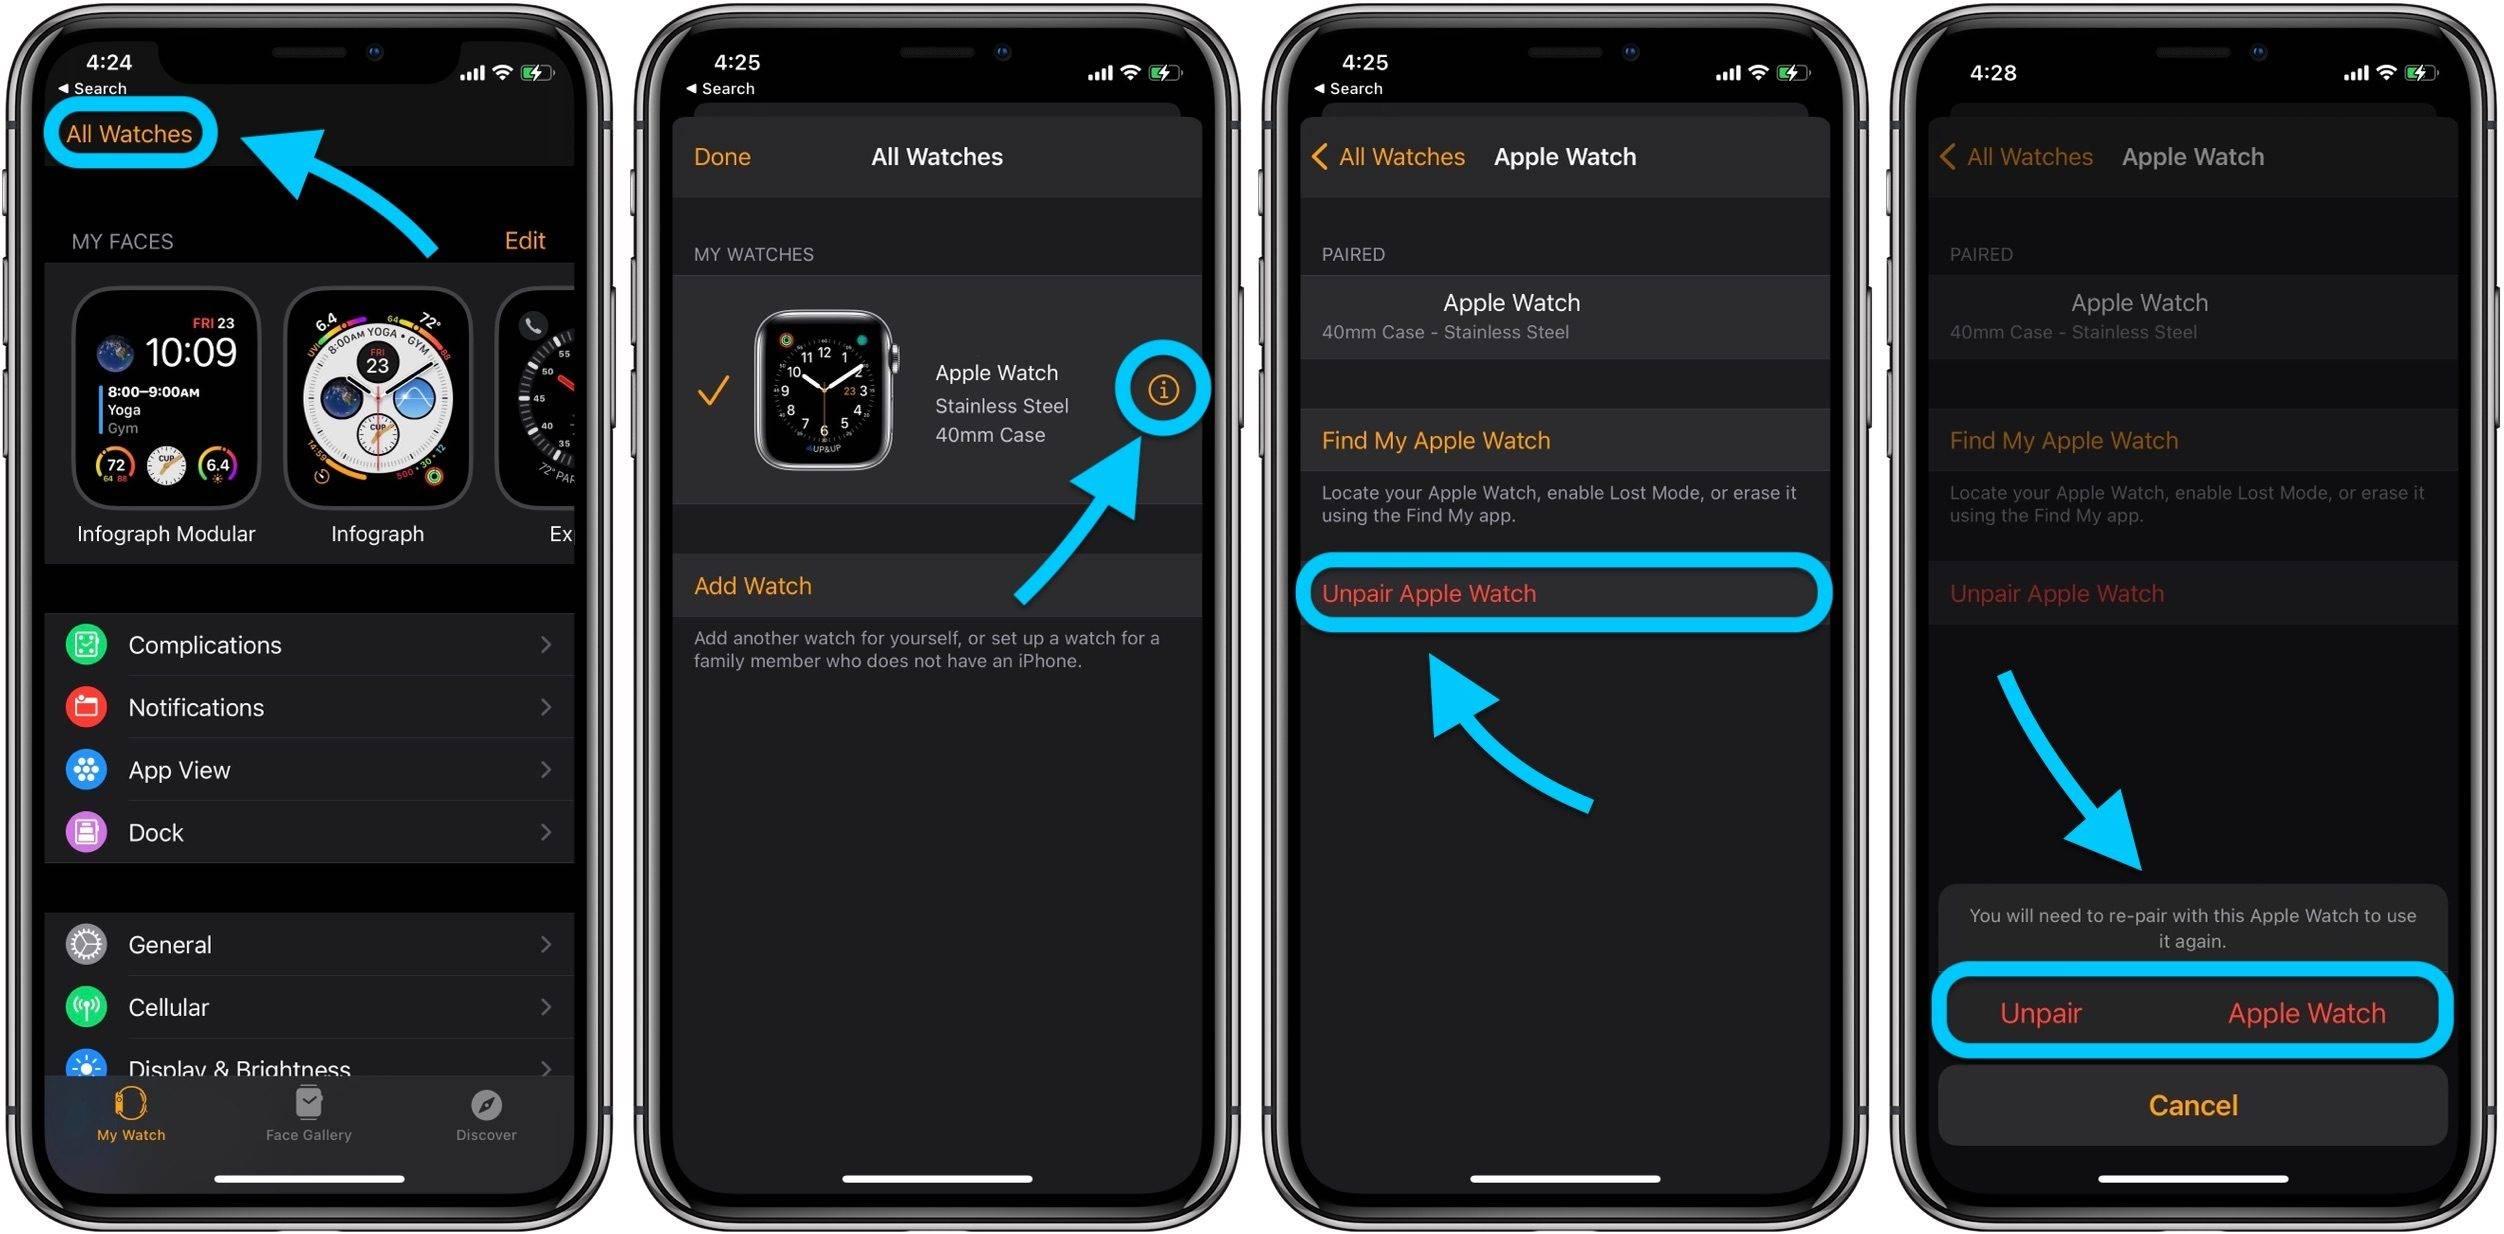 如何在不丢失数据的情况下升级到新的Apple Watch Series 6